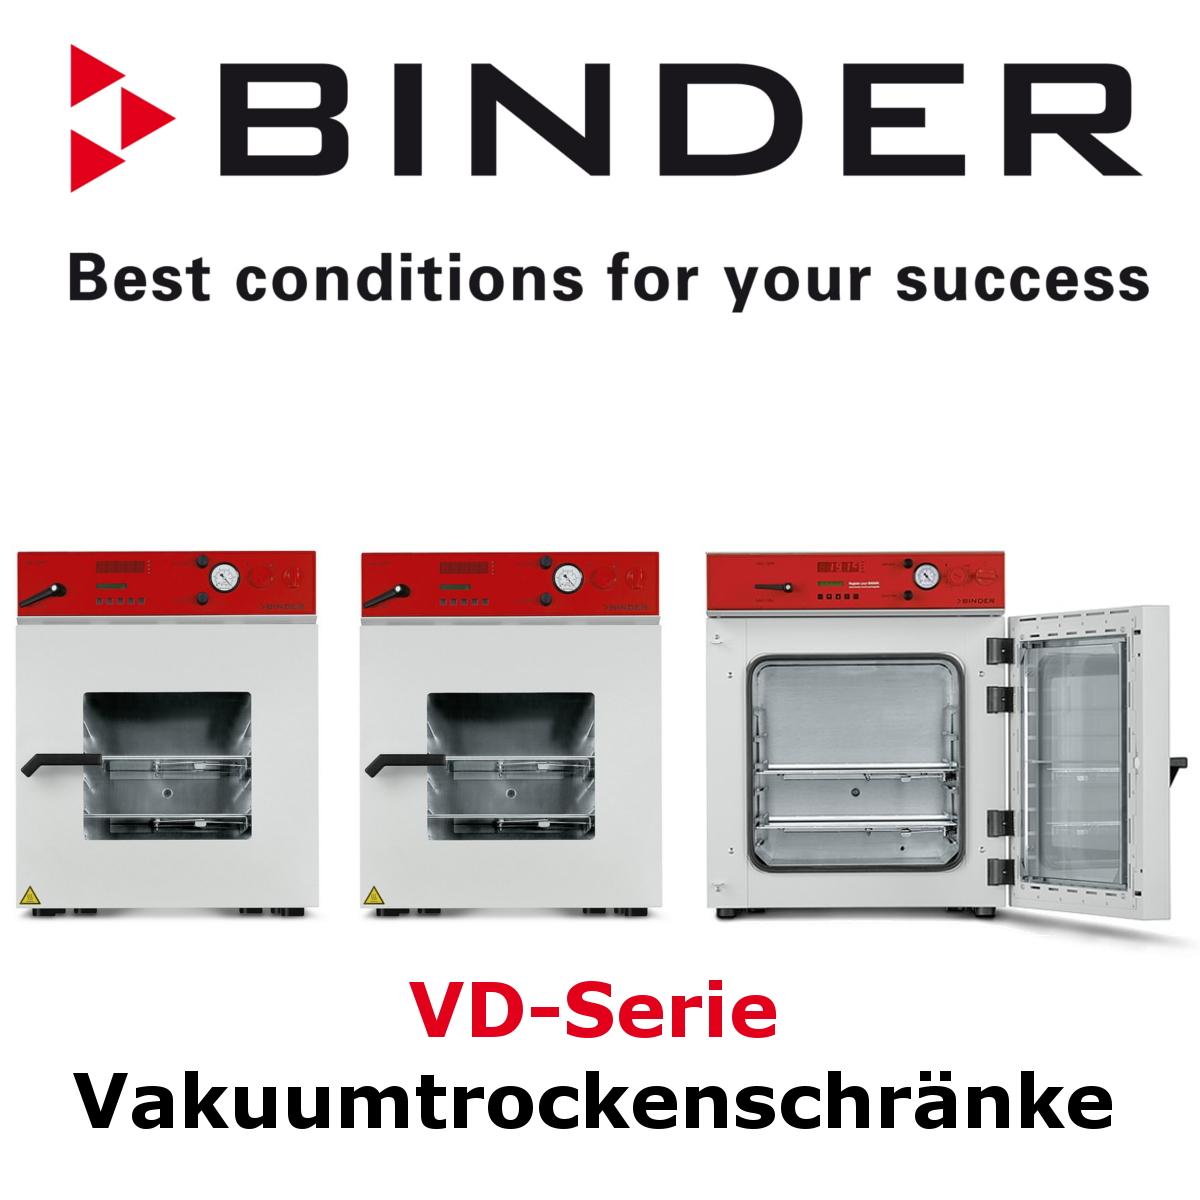 BINDER VD-Serie Vakuumtrockenschränke_Header